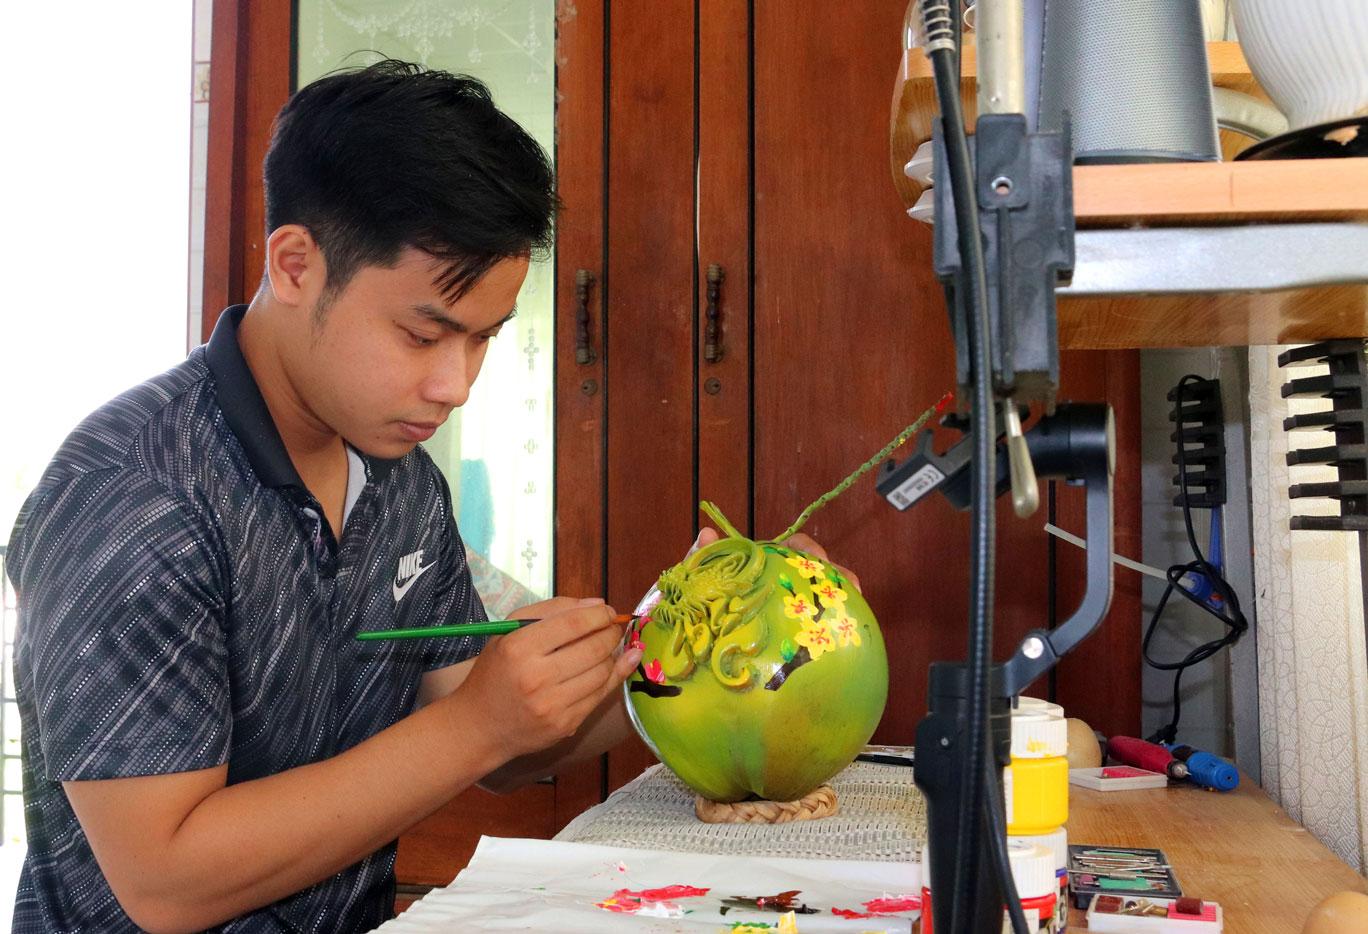 Thông thường vẽ 1 quả dừa và đắp chữ nổi 3D tốn khoảng 1 giờ